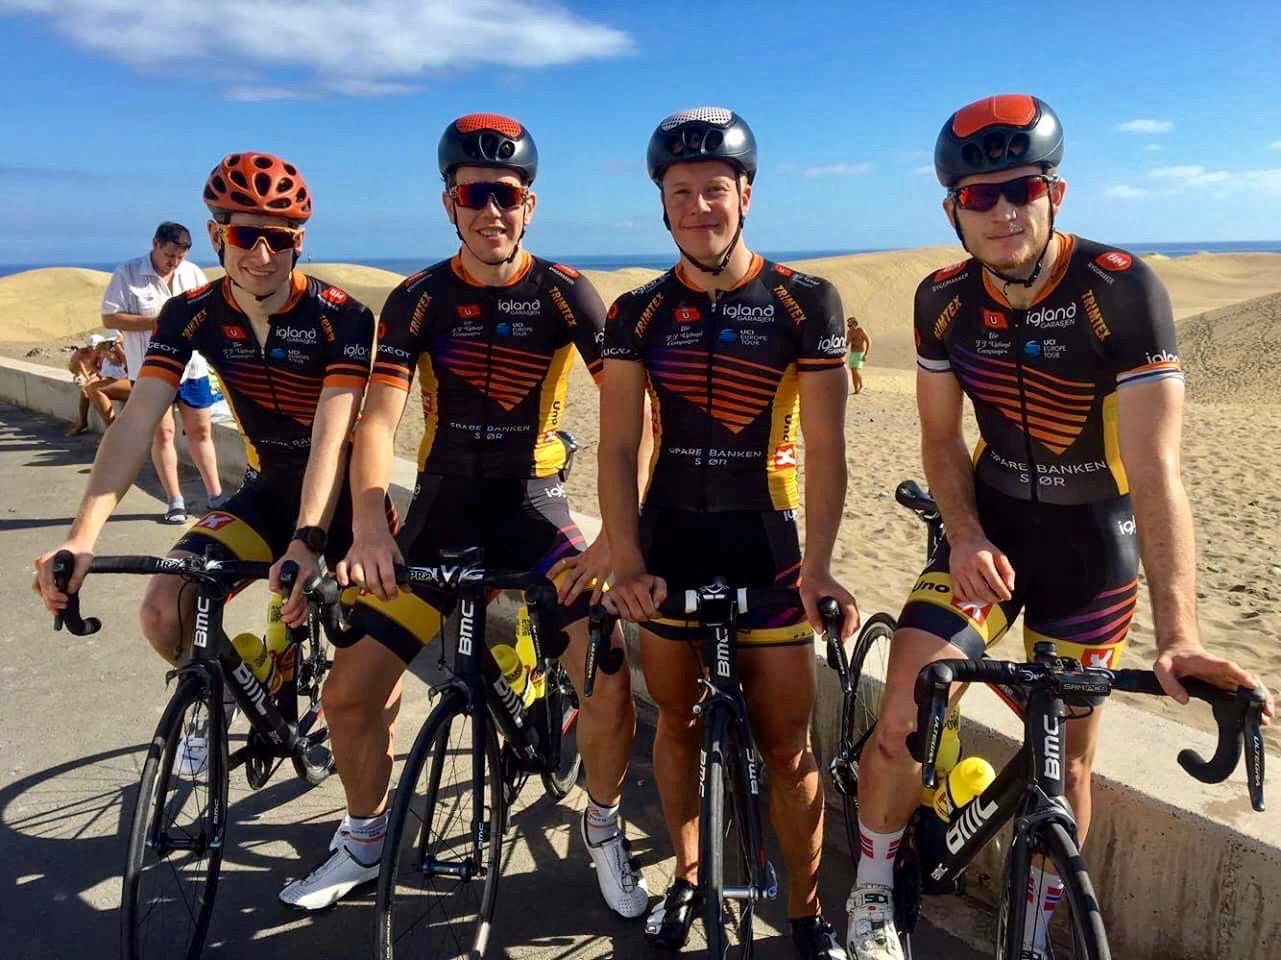 Gutta på tur: TSS-kvartetten som nå bor og trener på Gran Canaria – f.v.: Andreas Vangstad, Herman Dahl, Fridtjof og Petter Theodorsen. Foto: Privat